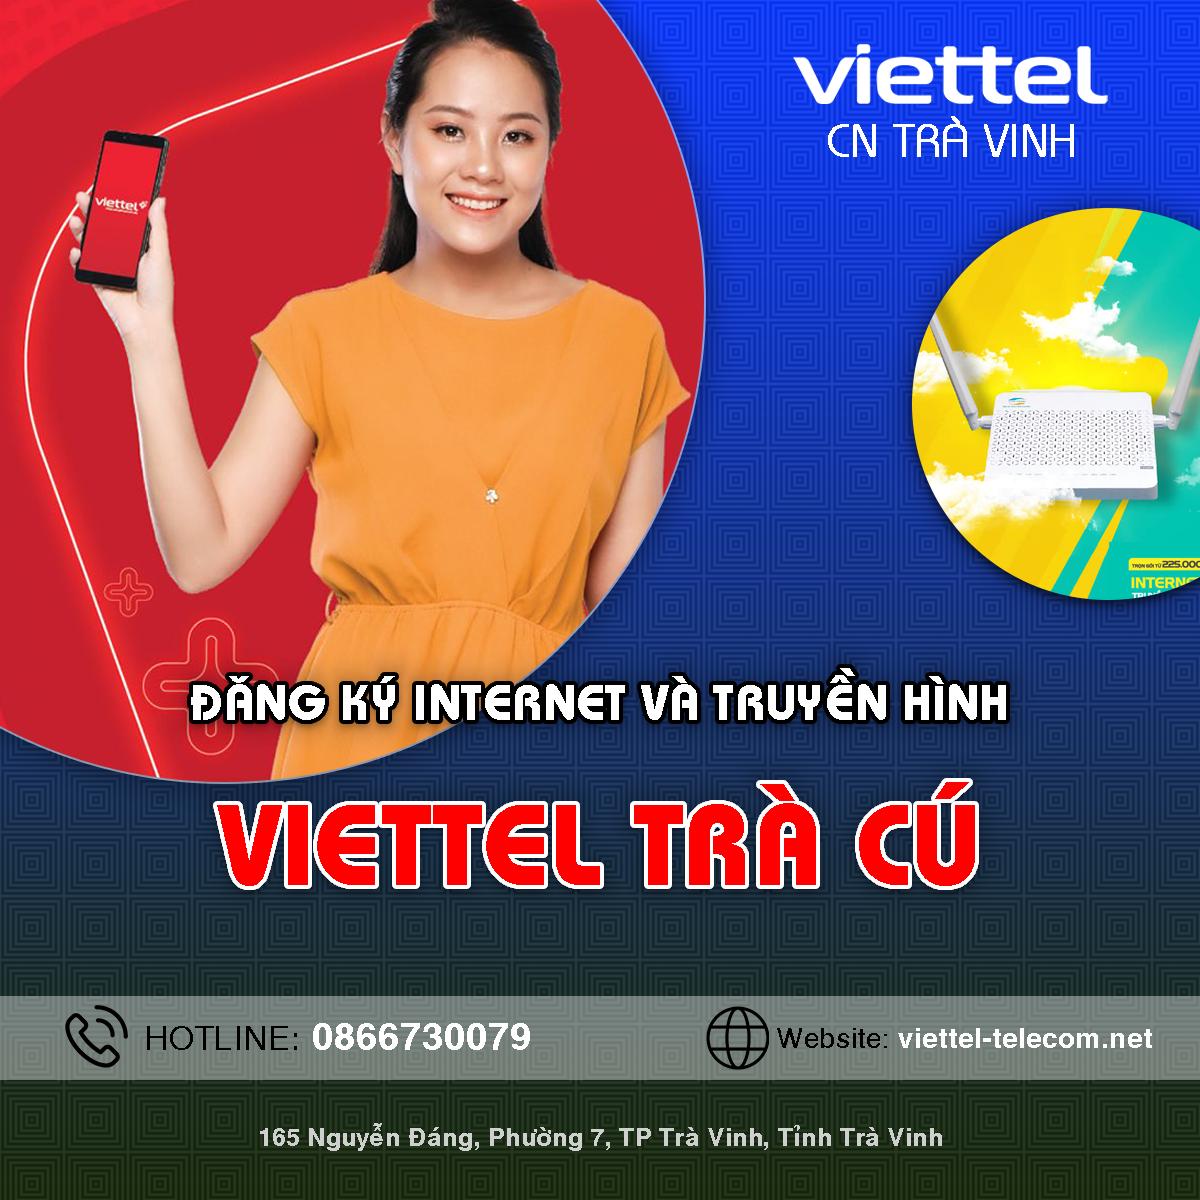 Cửa hàng Viettel huyện Trà Cú